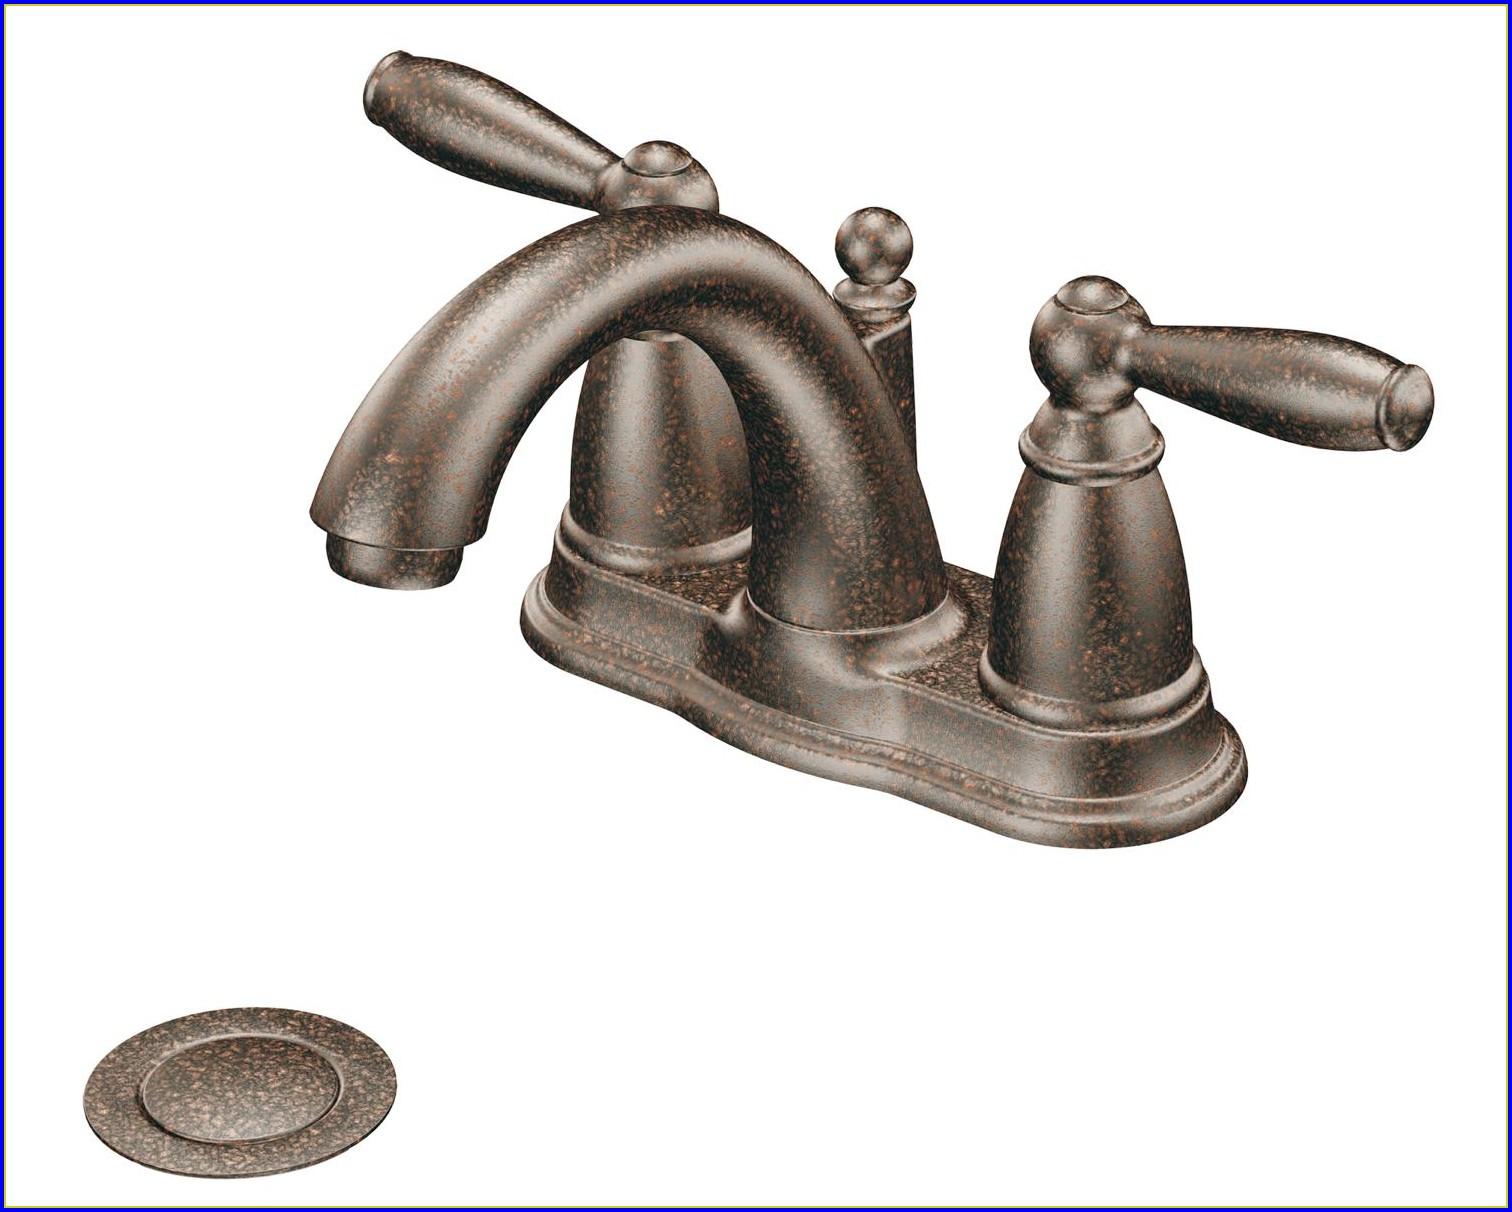 Moen Bathroom Faucet Cartridge Replacement